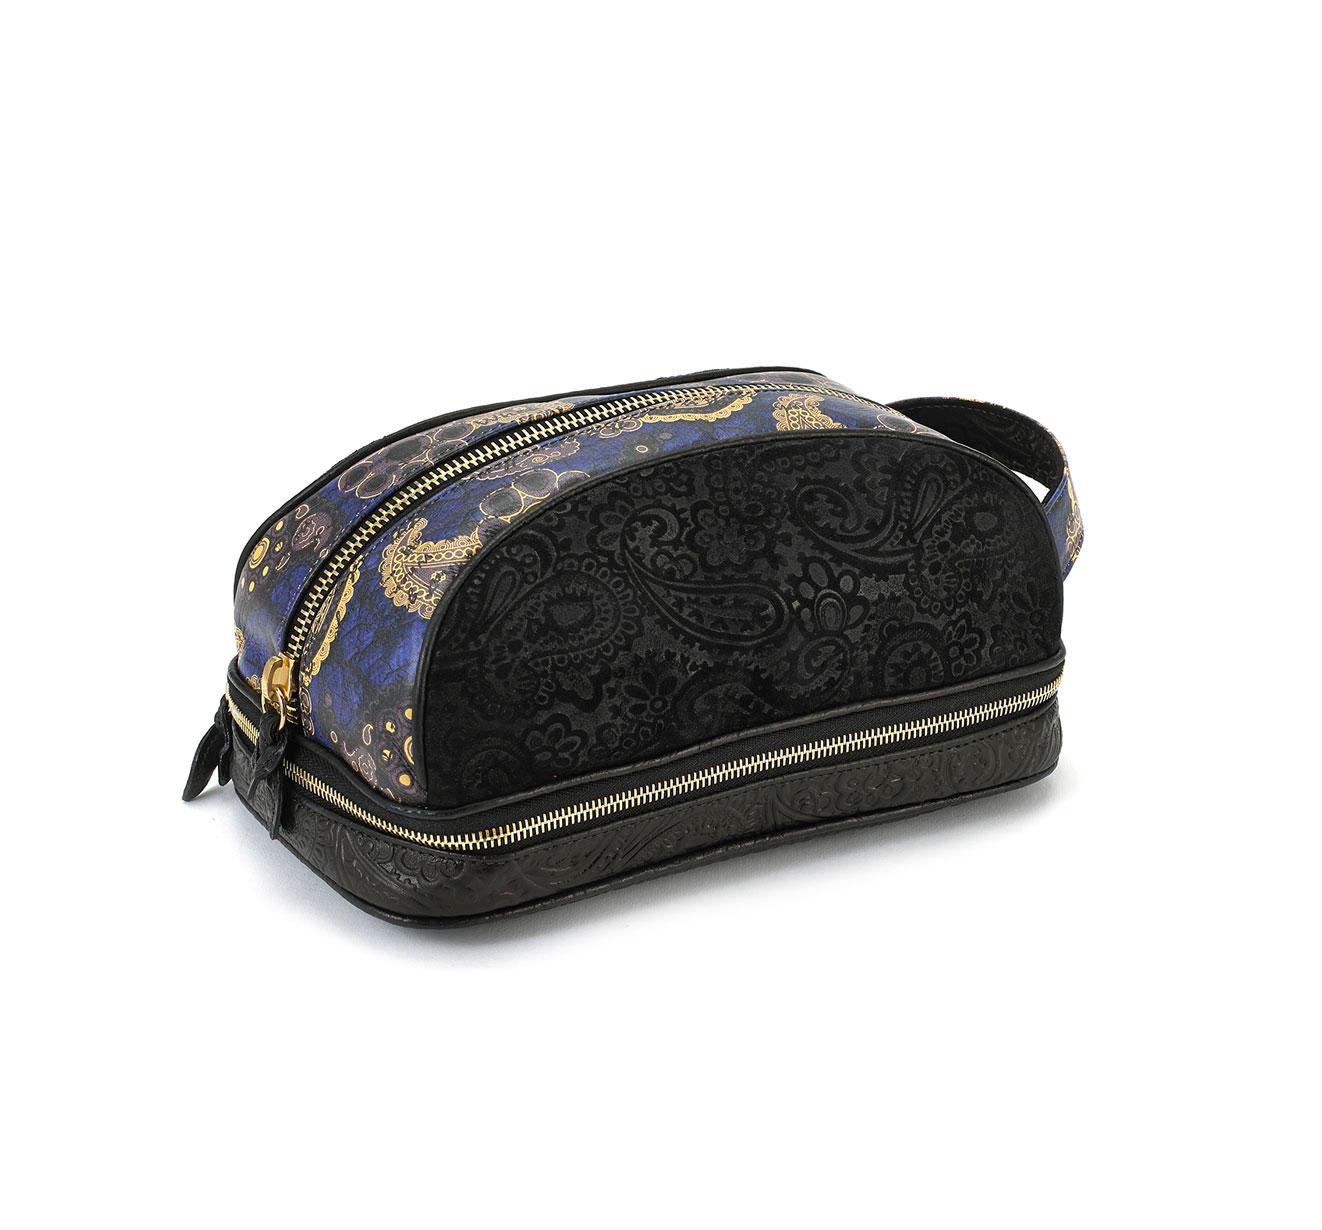 Amenity Black Embossed Suede Blue Paisley Dopp Kit